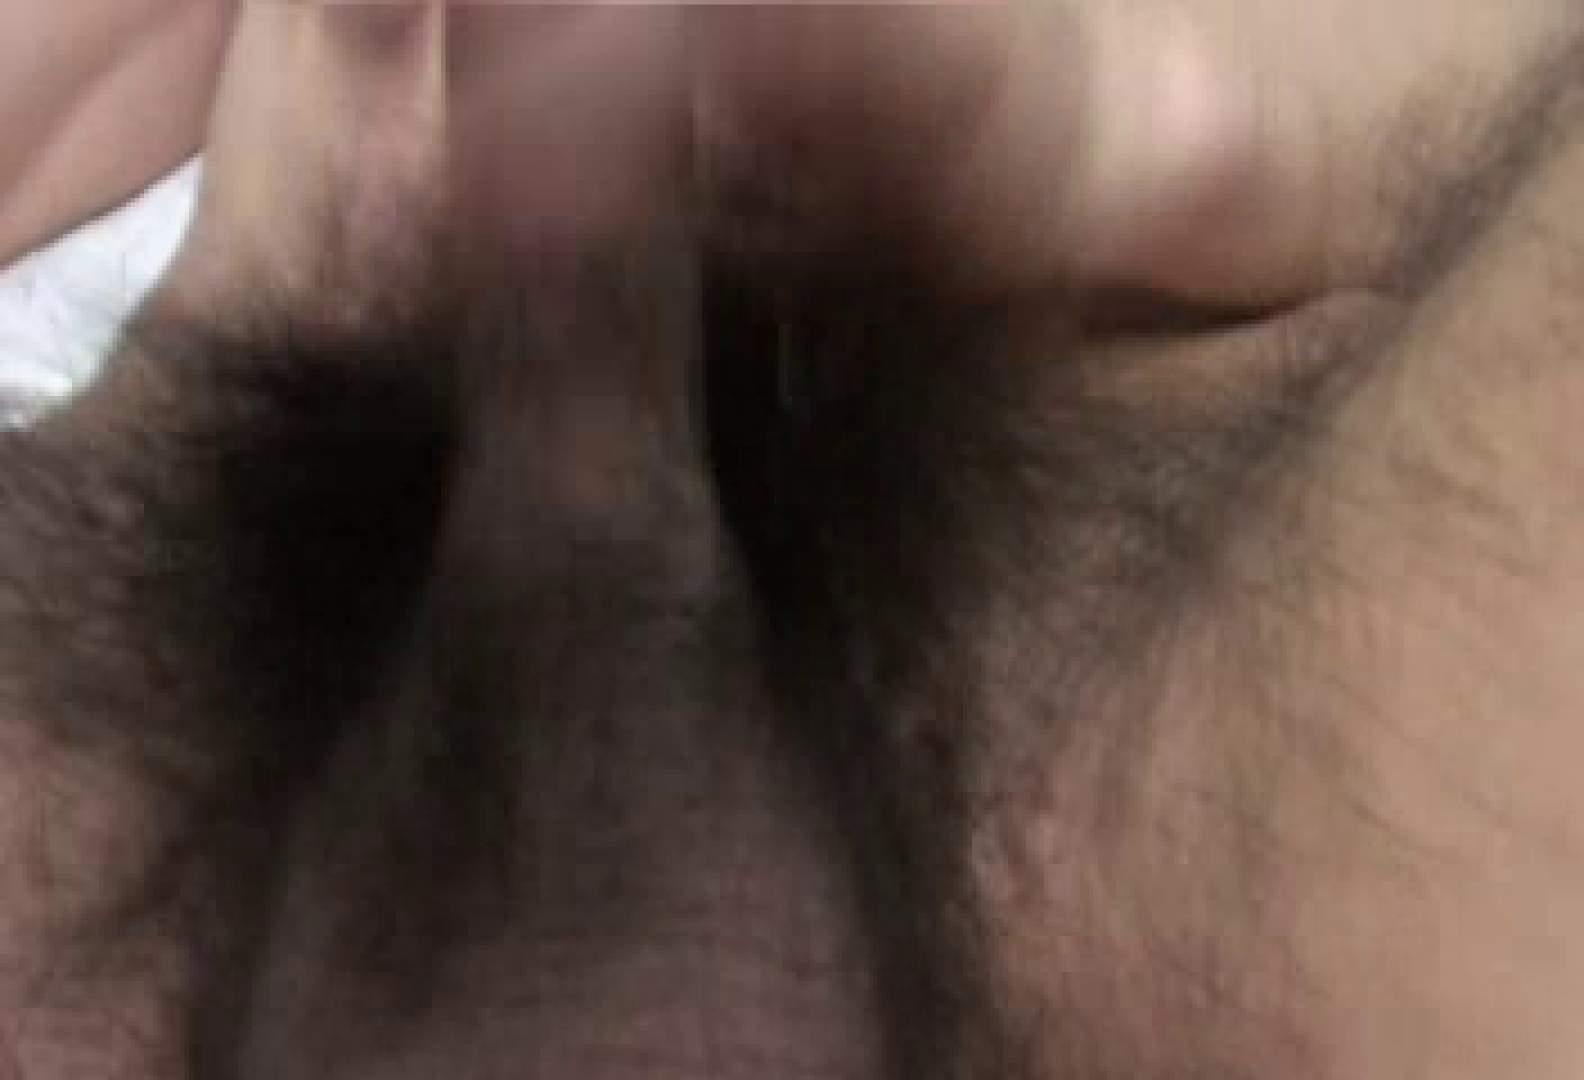 アイマスクでおもいっきり性感帯!!vol.03 無修正 ゲイセックス画像 84pic 69